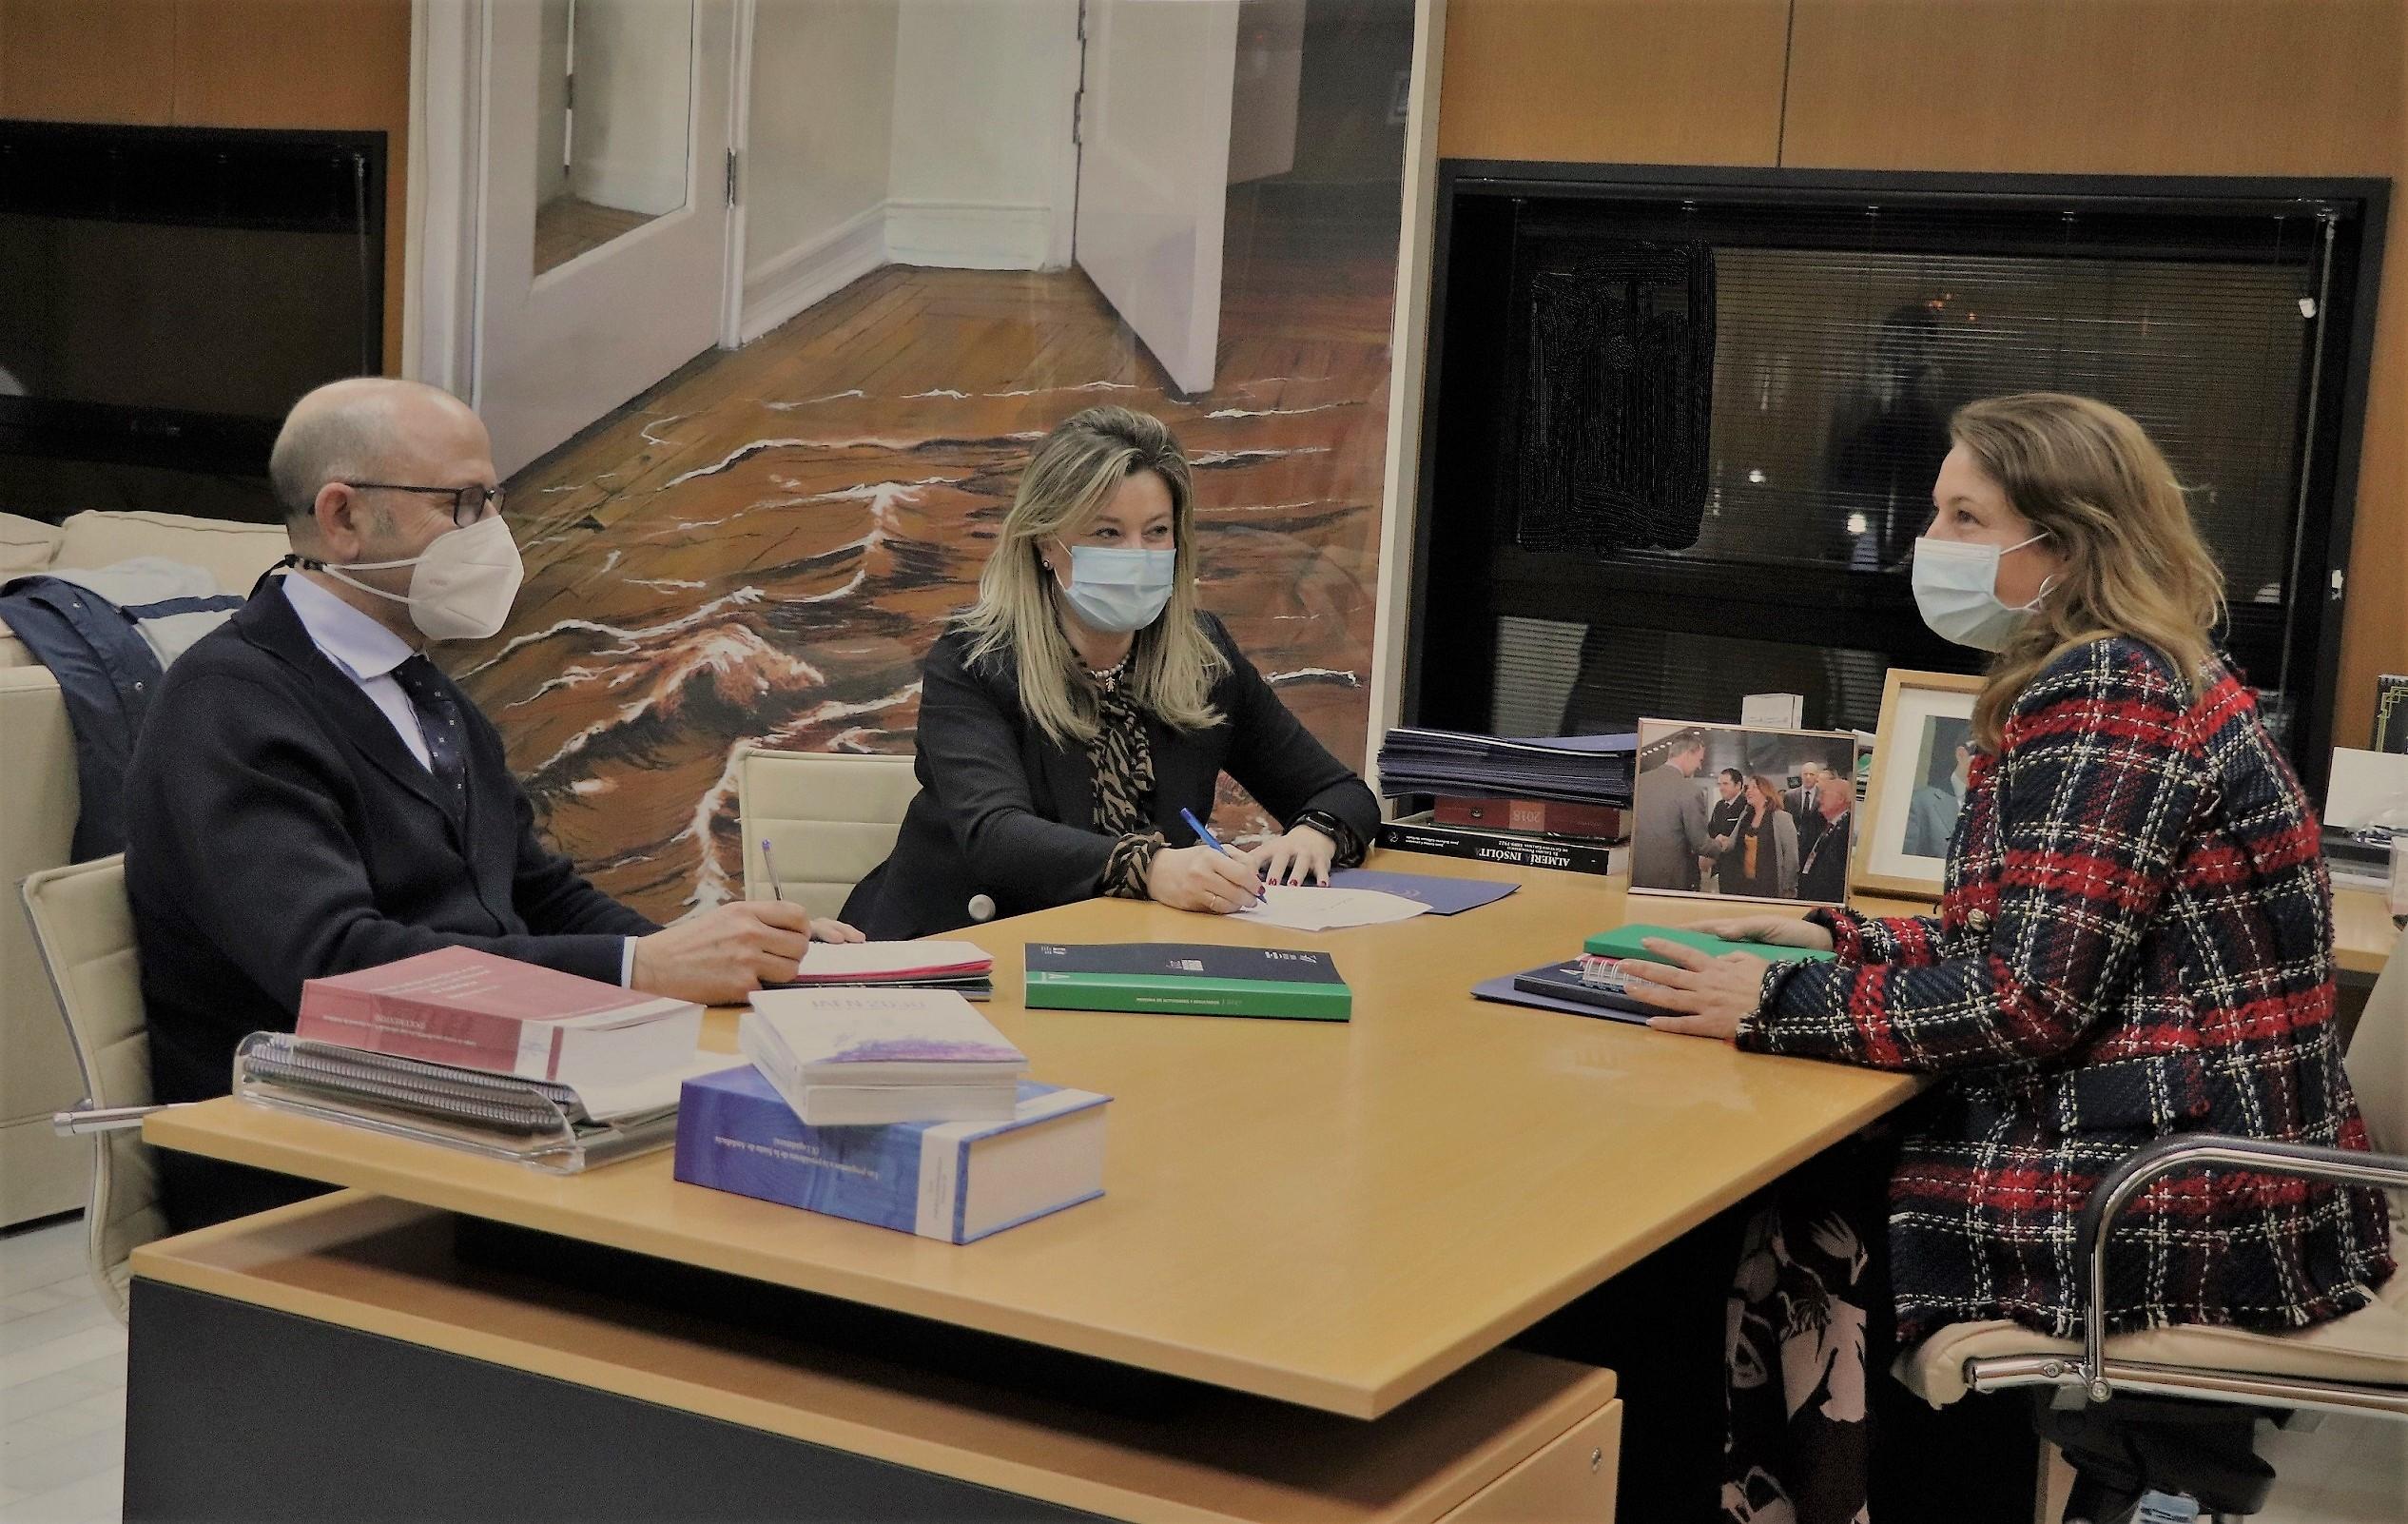 La Junta ofrece desde el lunes 15 de febrero más de 14.000 servicios de asesoramiento gratuitos a agricultores y ganaderos andaluces